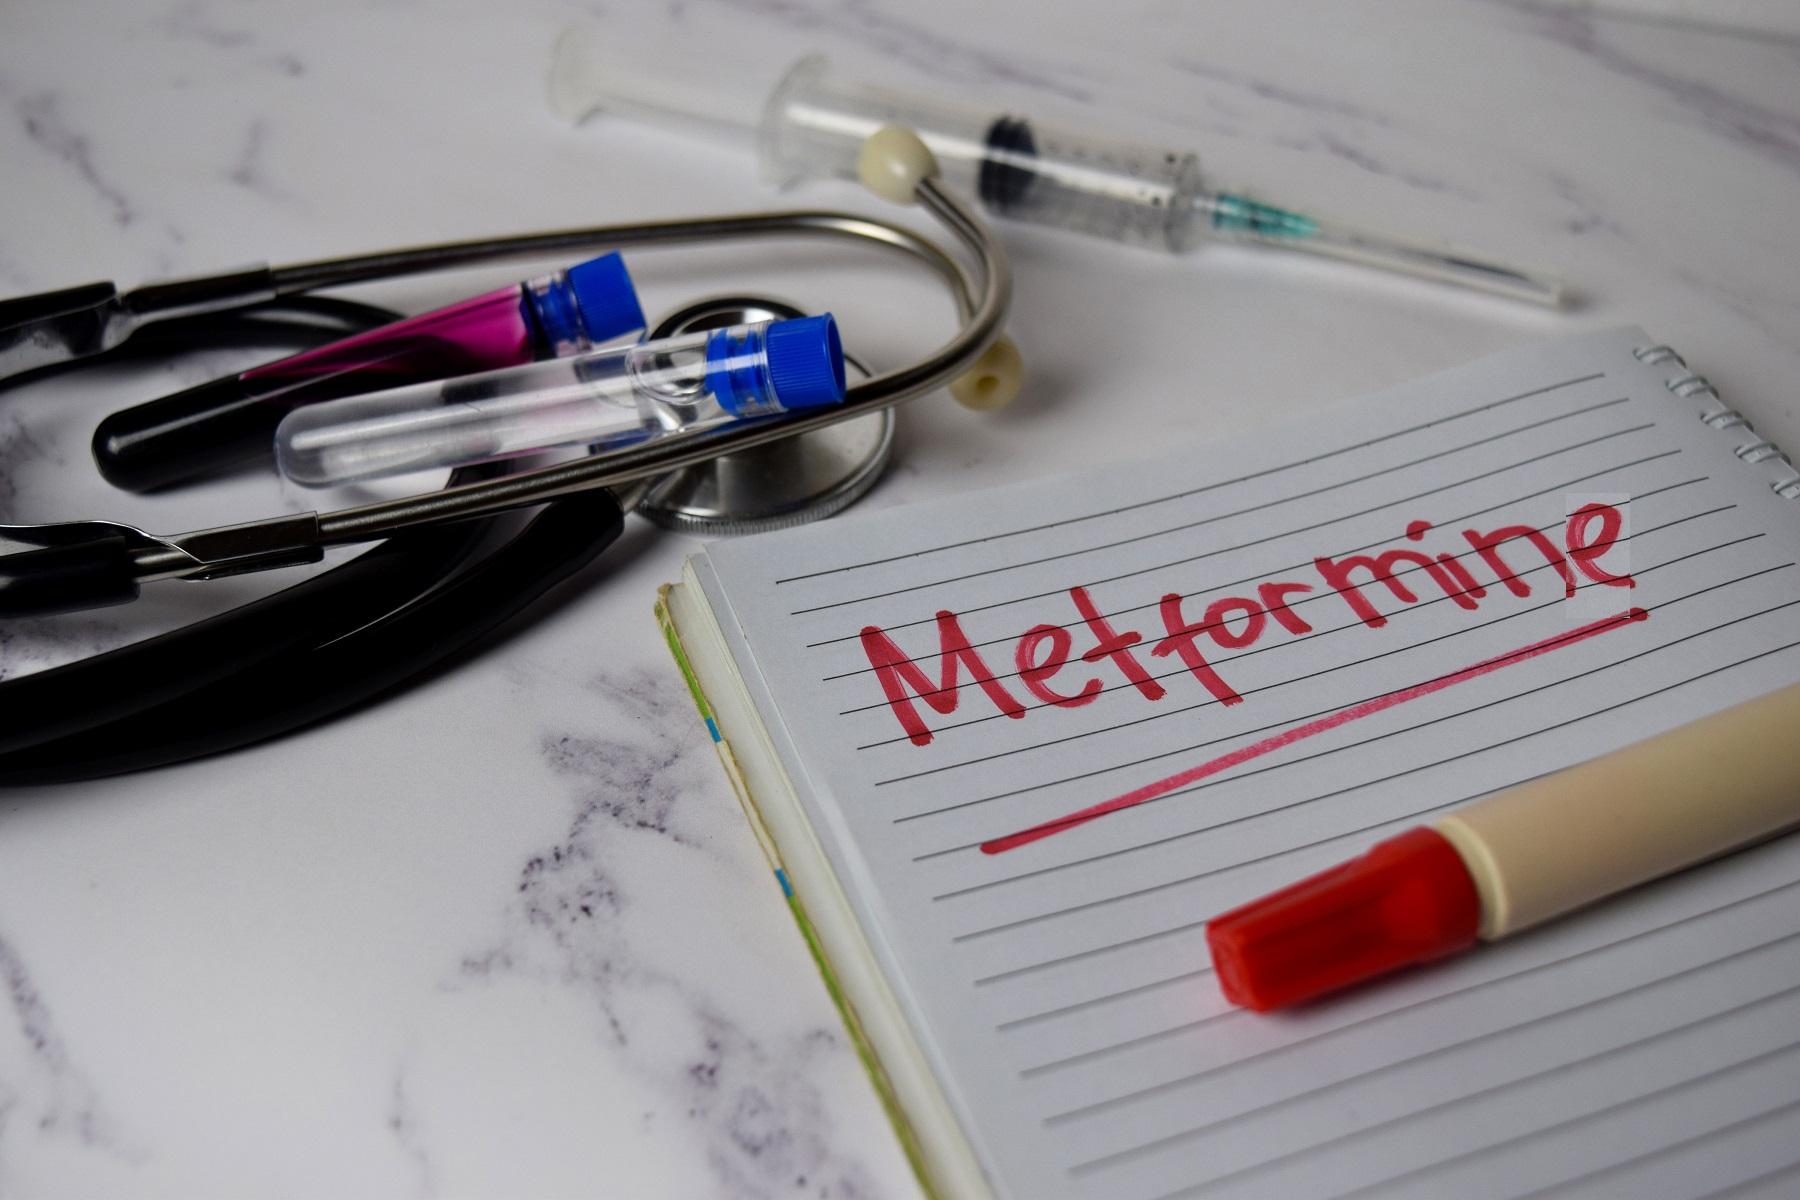 La prise de metformine semble permettre de ramener la mortalité de ces patients diabétiques et COVID-19 au niveau de la mortalité en population générale (Visuel Adobe Stock 335968120)